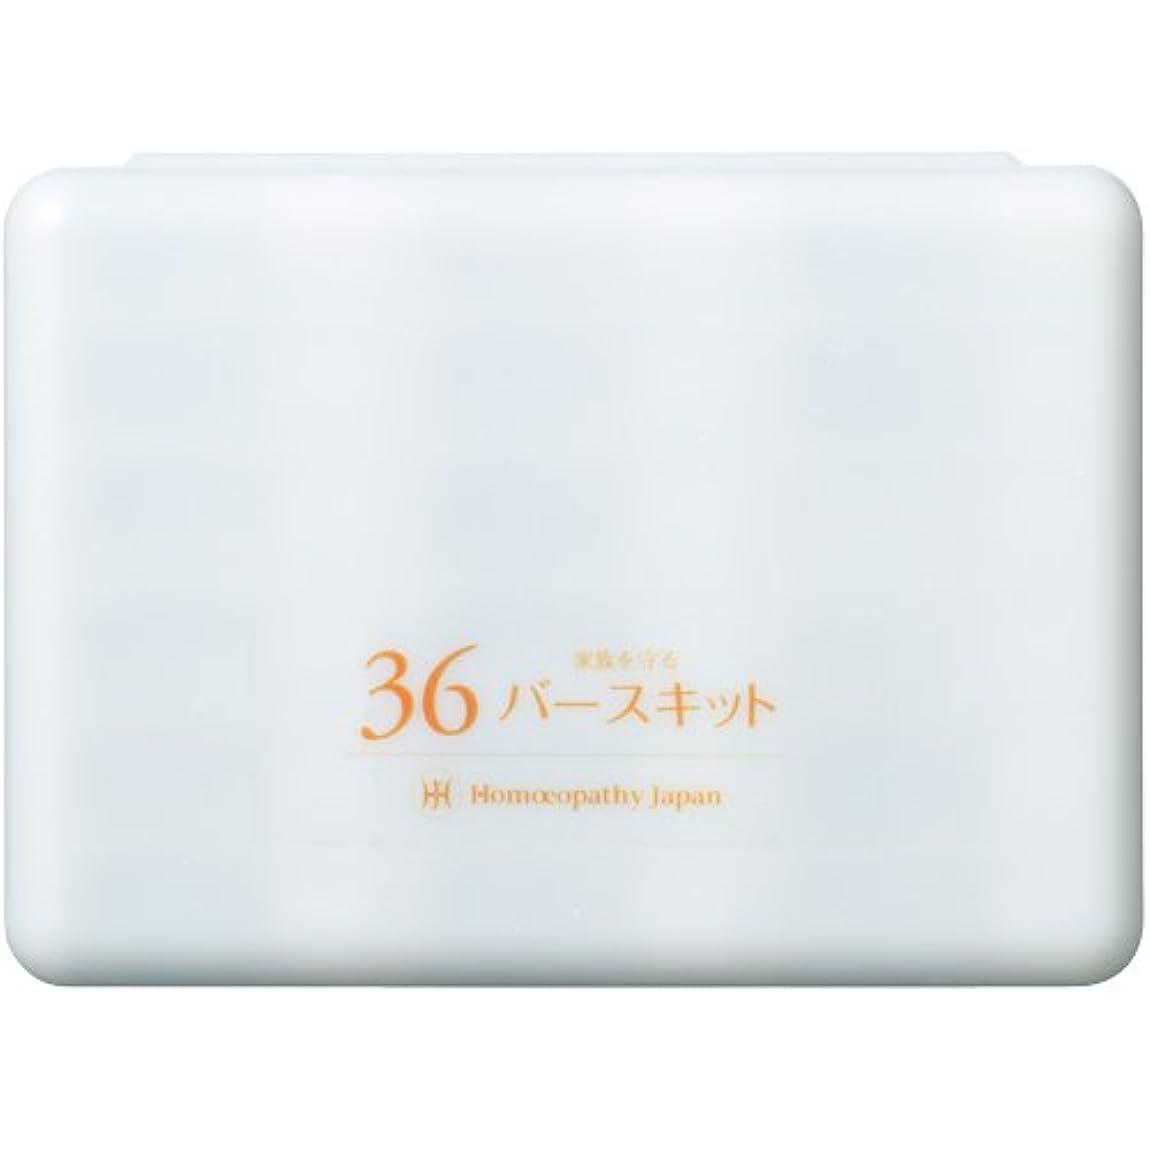 バッグ止まる第四ホメオパシージャパンレメディー 36バースキット